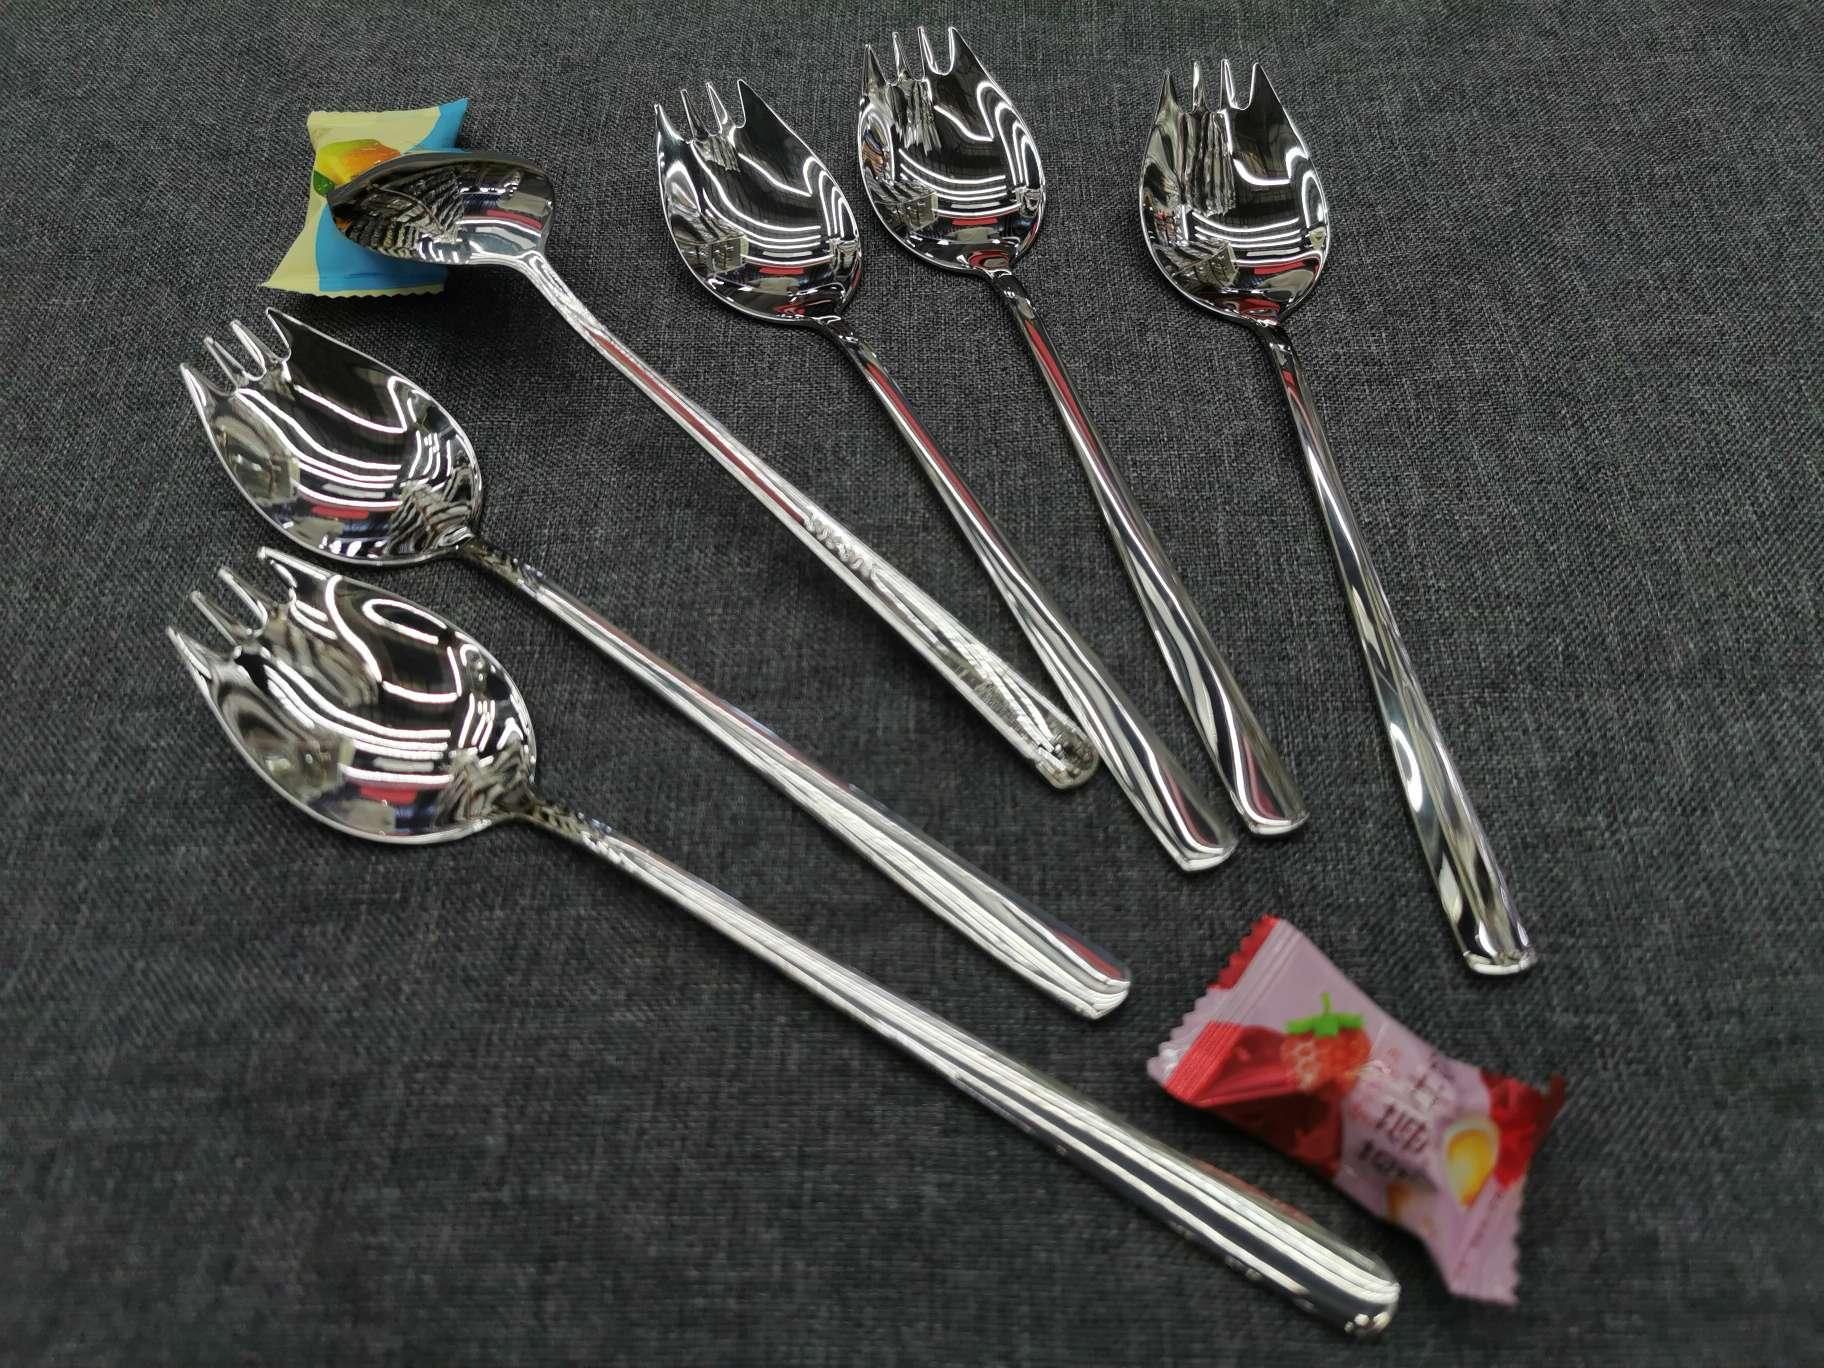 304不锈钢吃面神器伊面勺创意叉勺一体型吃面勺子叉子汤勺面勺